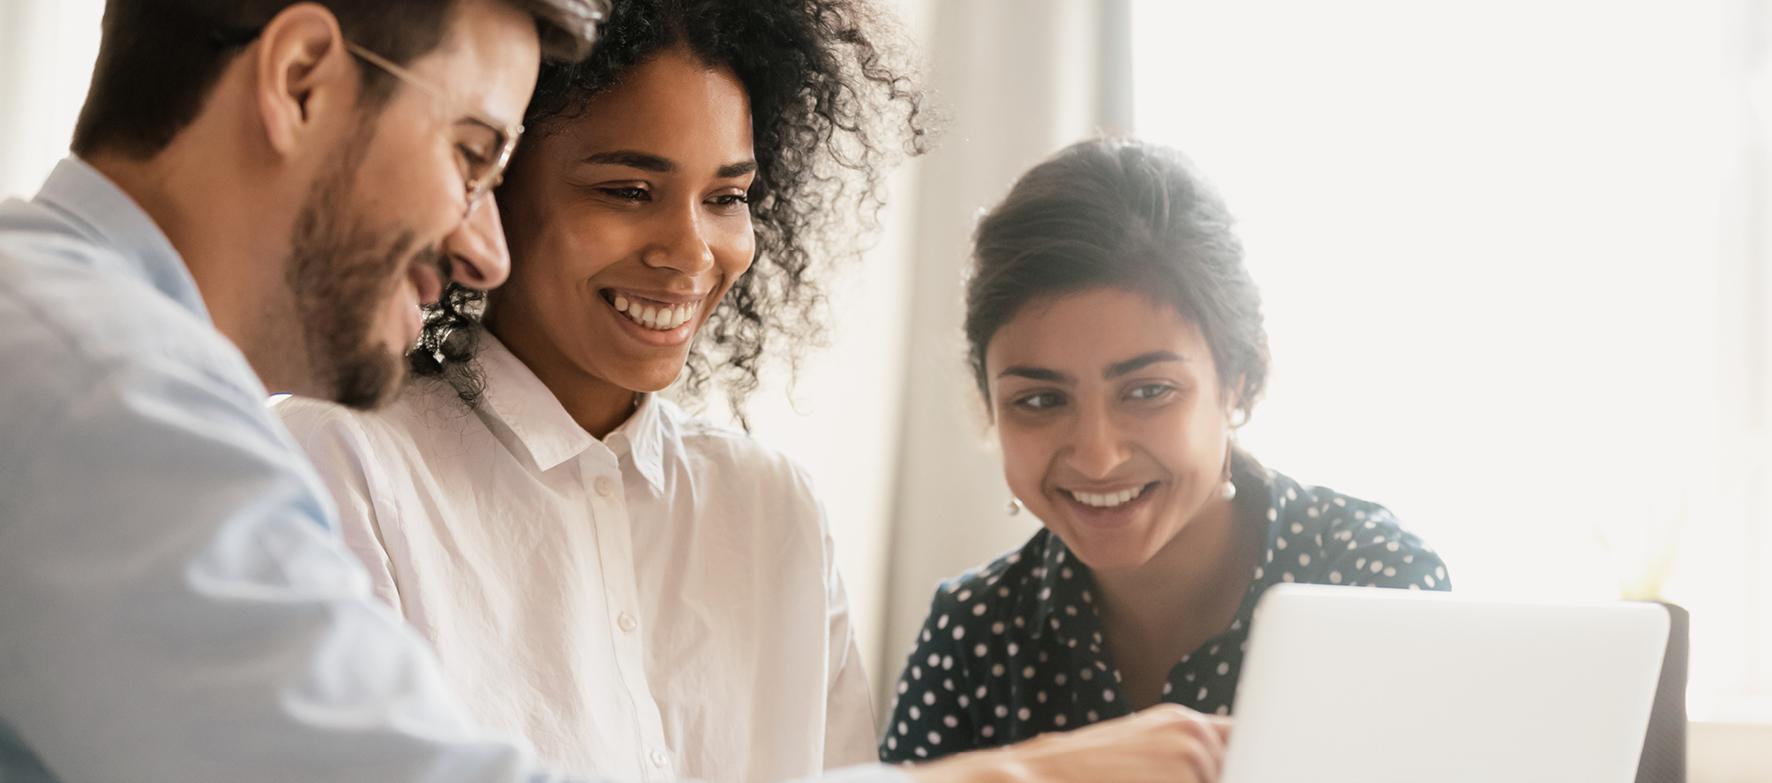 Drei junge Menschen schauen gemeinsam auf einen Laptopbildschirm